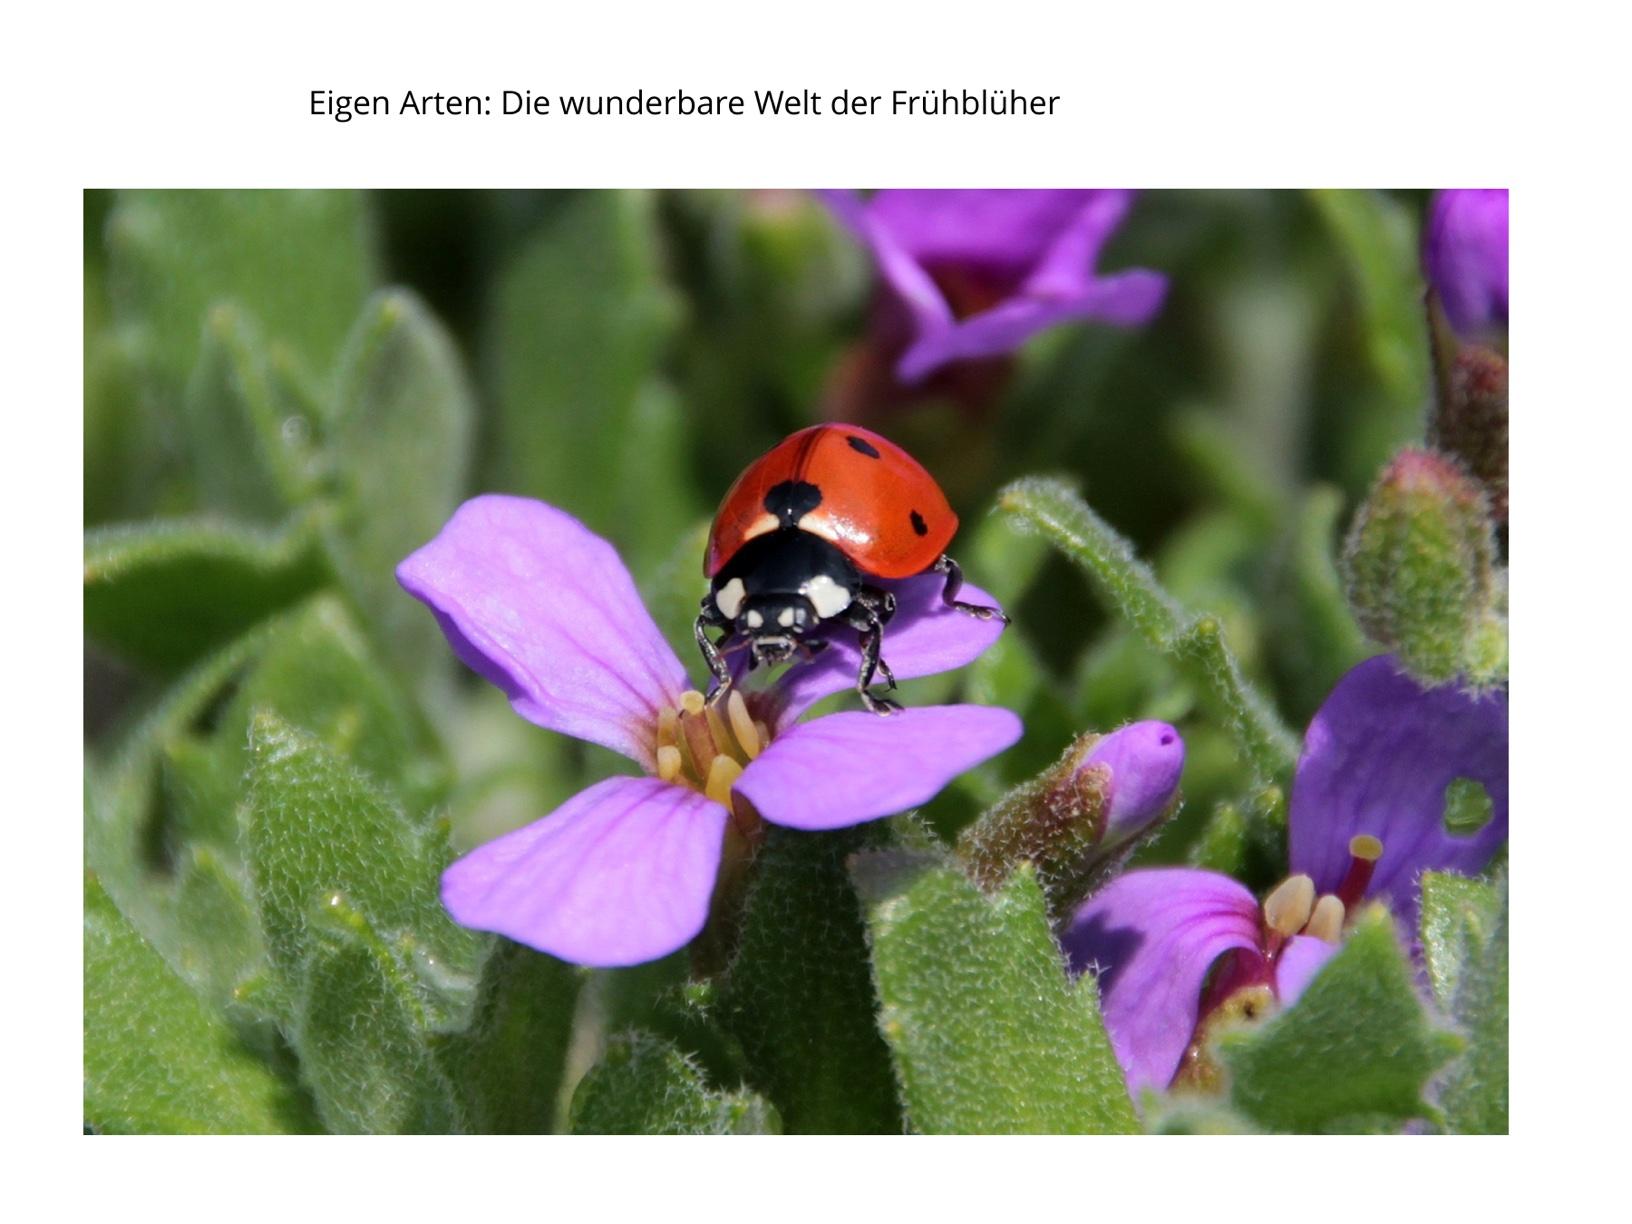 EigenArten: Die wunderbare Welt der Frühblüher